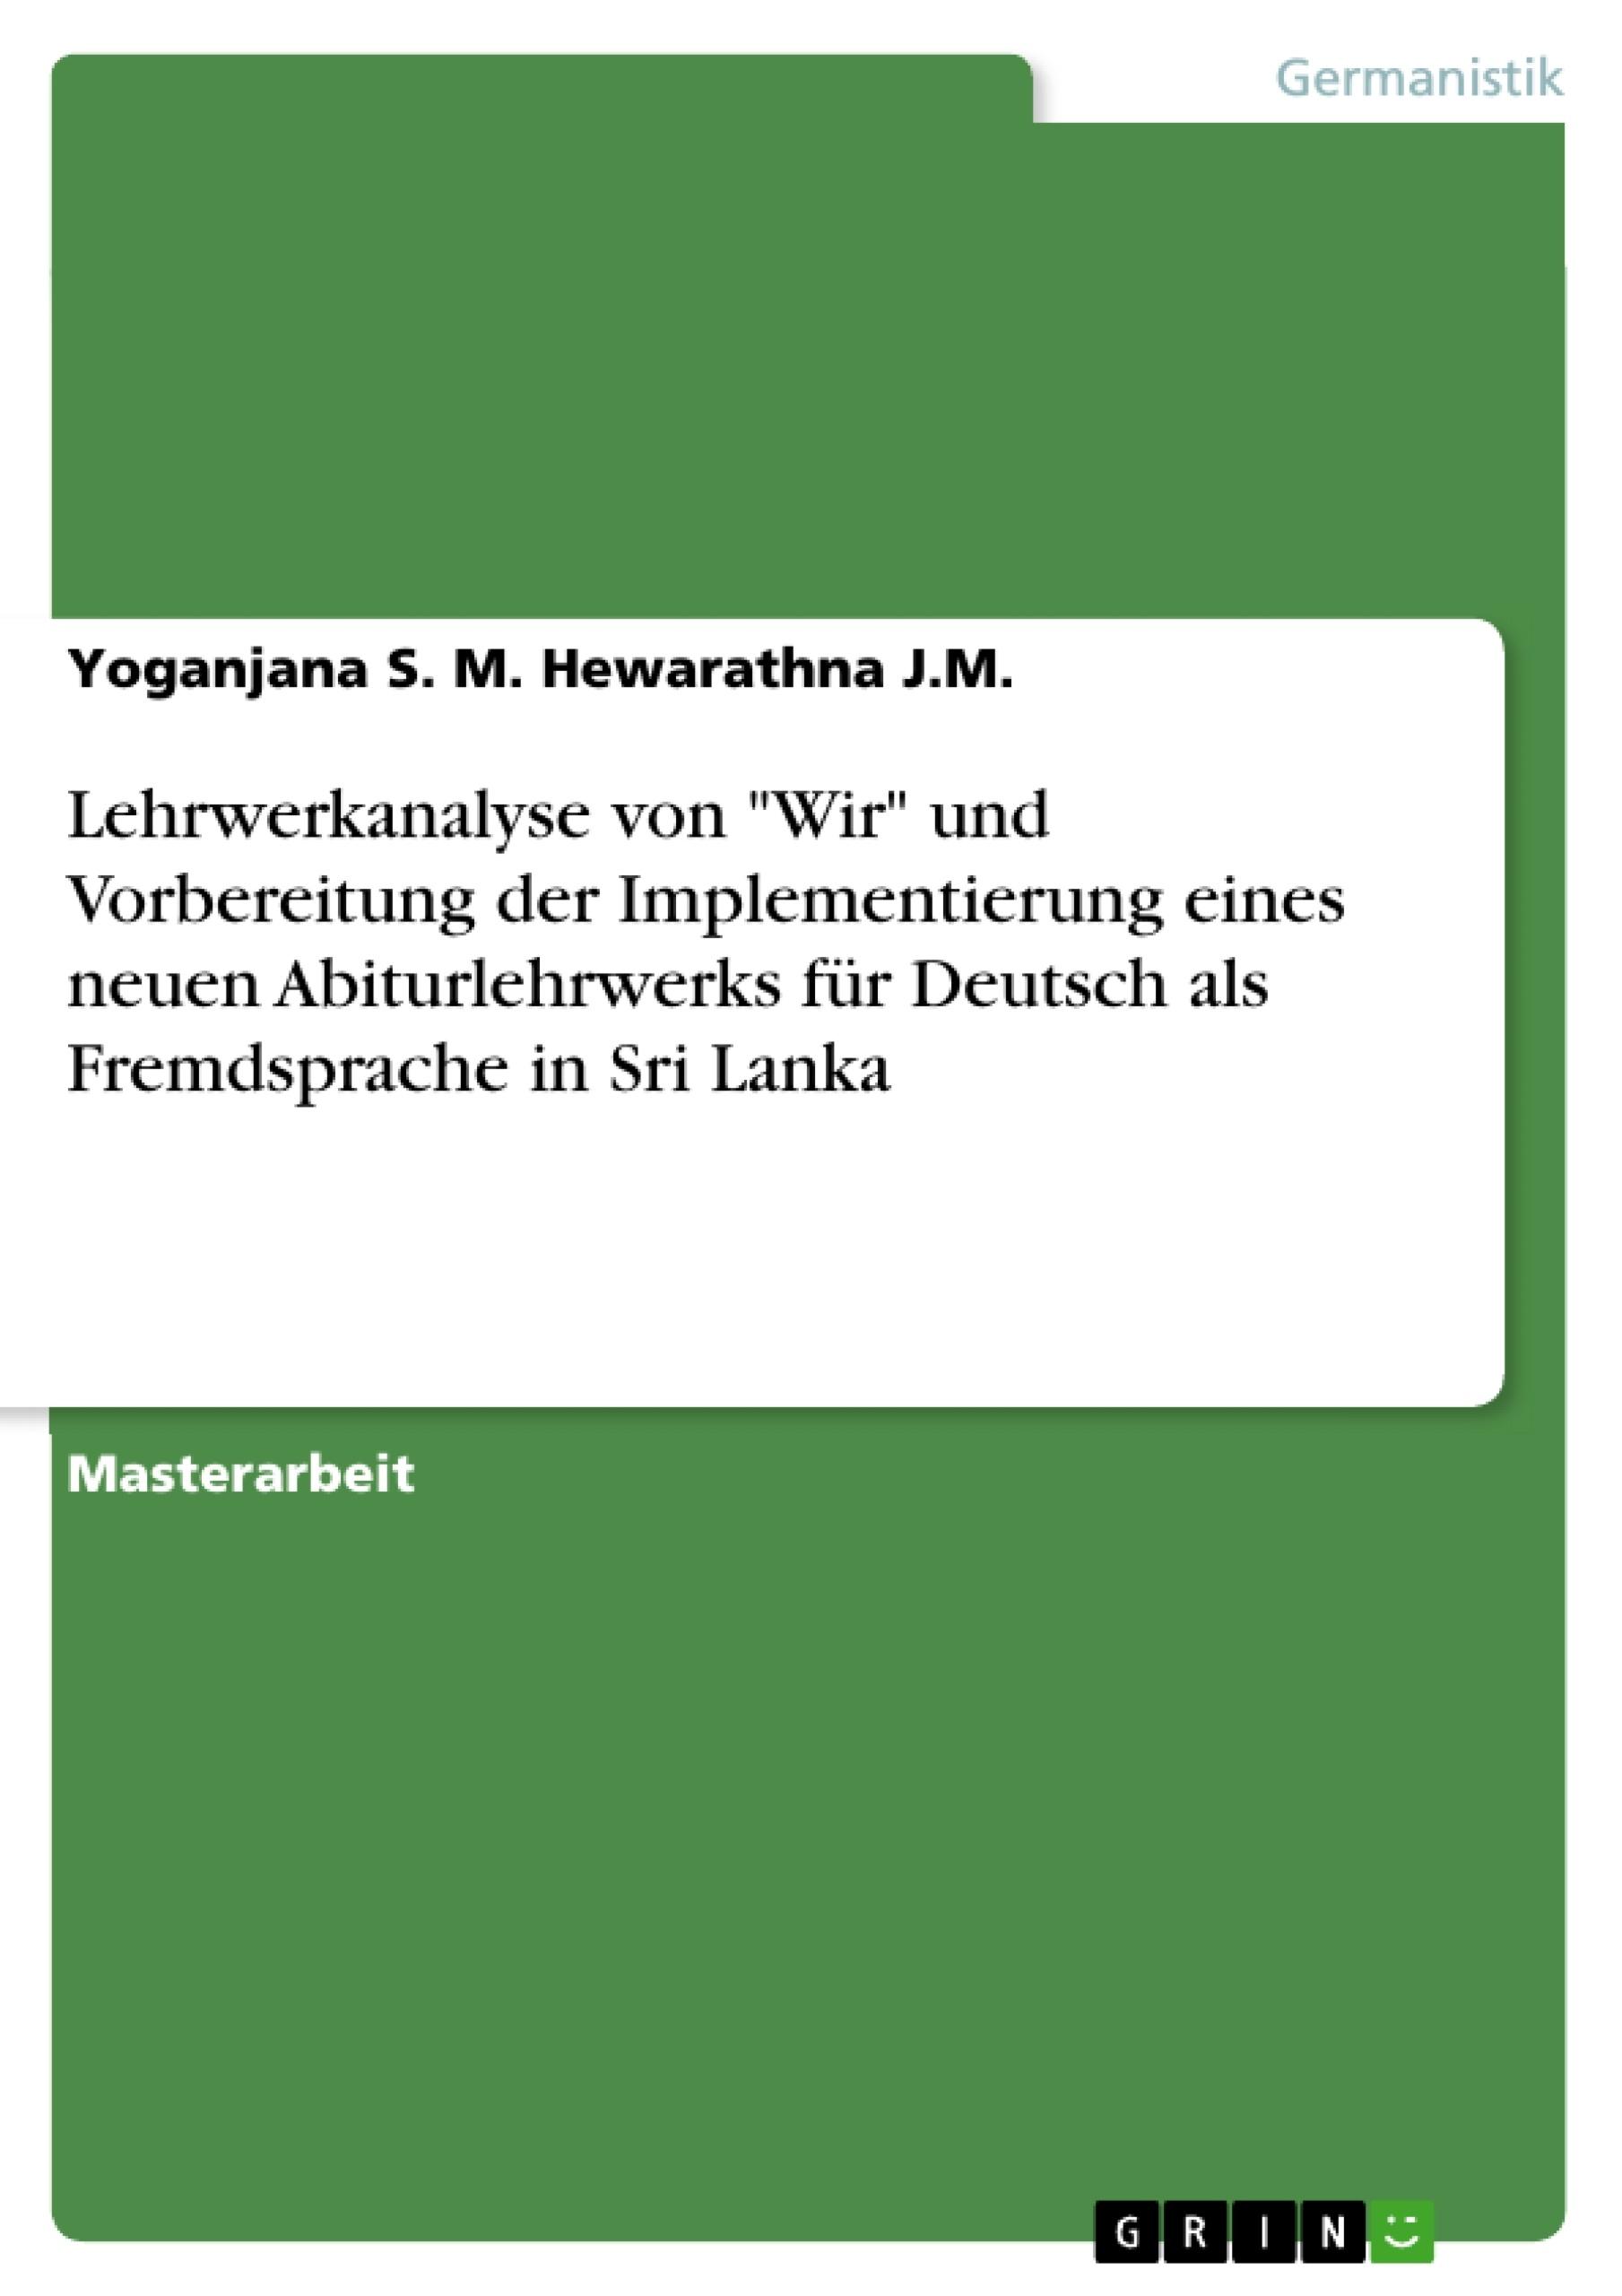 """Titel: Lehrwerkanalyse von """"Wir"""" und Vorbereitung der Implementierung eines neuen Abiturlehrwerks für Deutsch als Fremdsprache in Sri Lanka"""